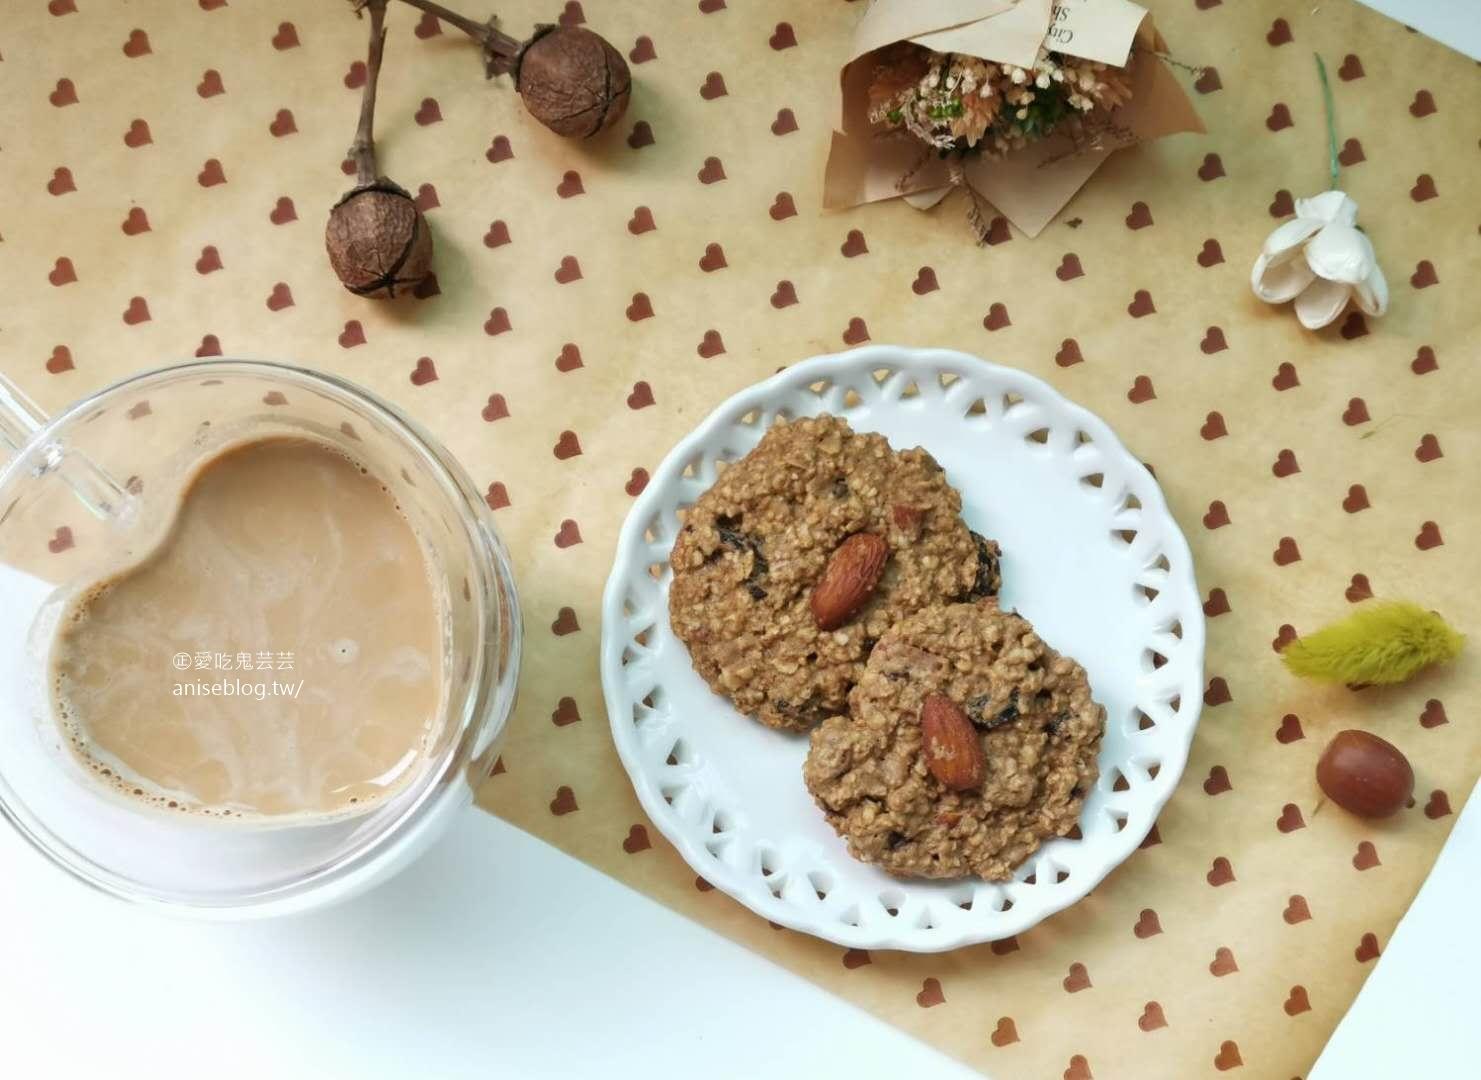 燕麥黑糖堅果餅乾作法 (無泡打粉、小蘇打粉)